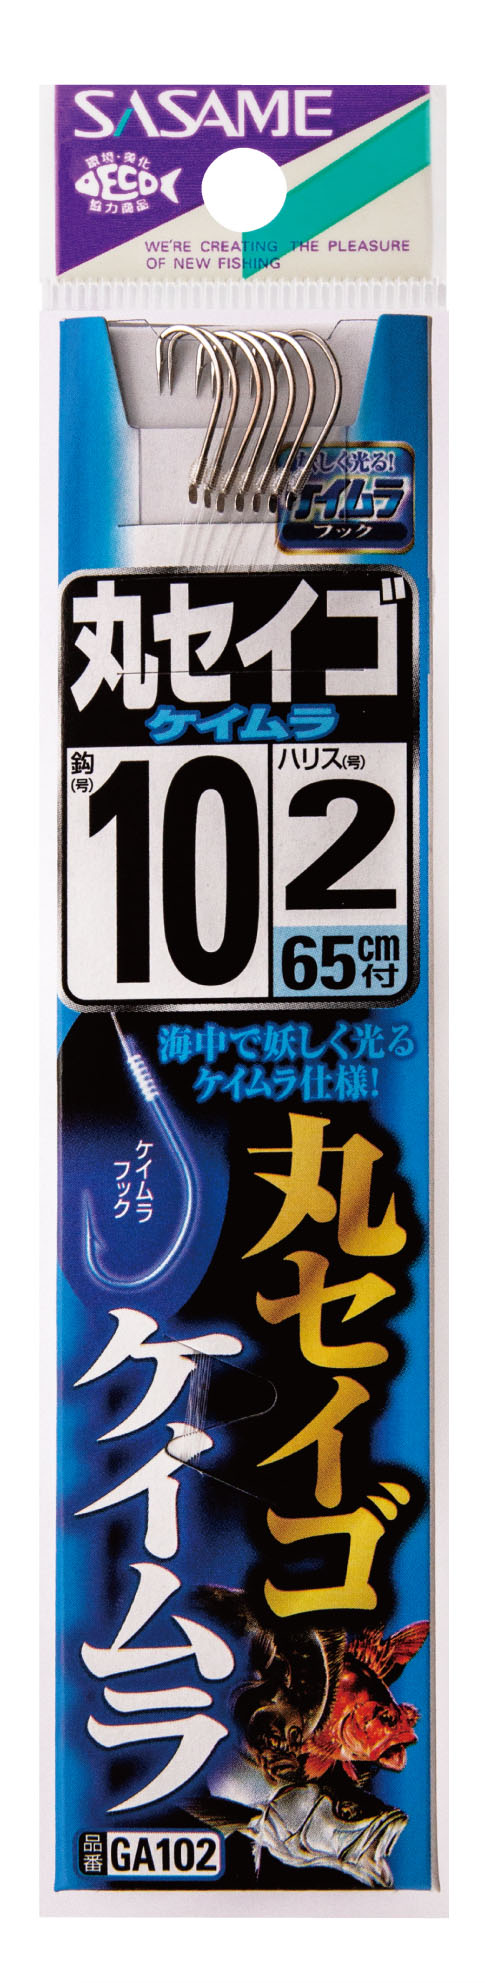 丸セイゴ(ケイムラ)糸付